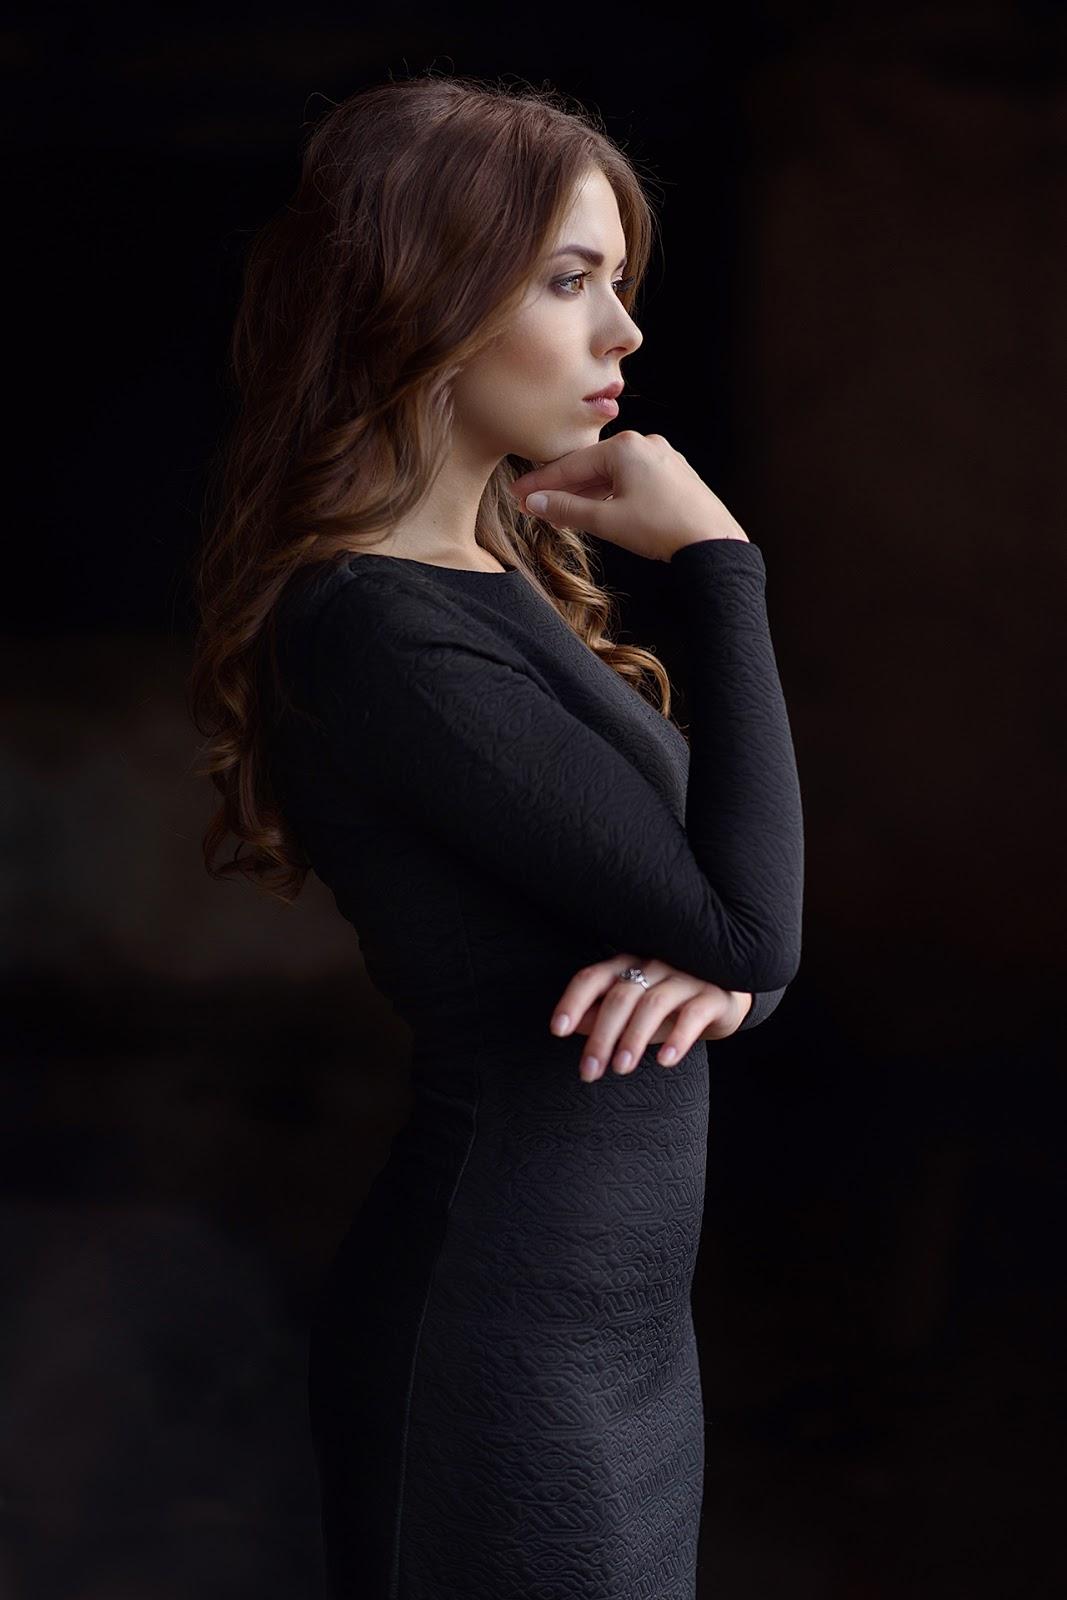 Дарья. Портретная фотосессия